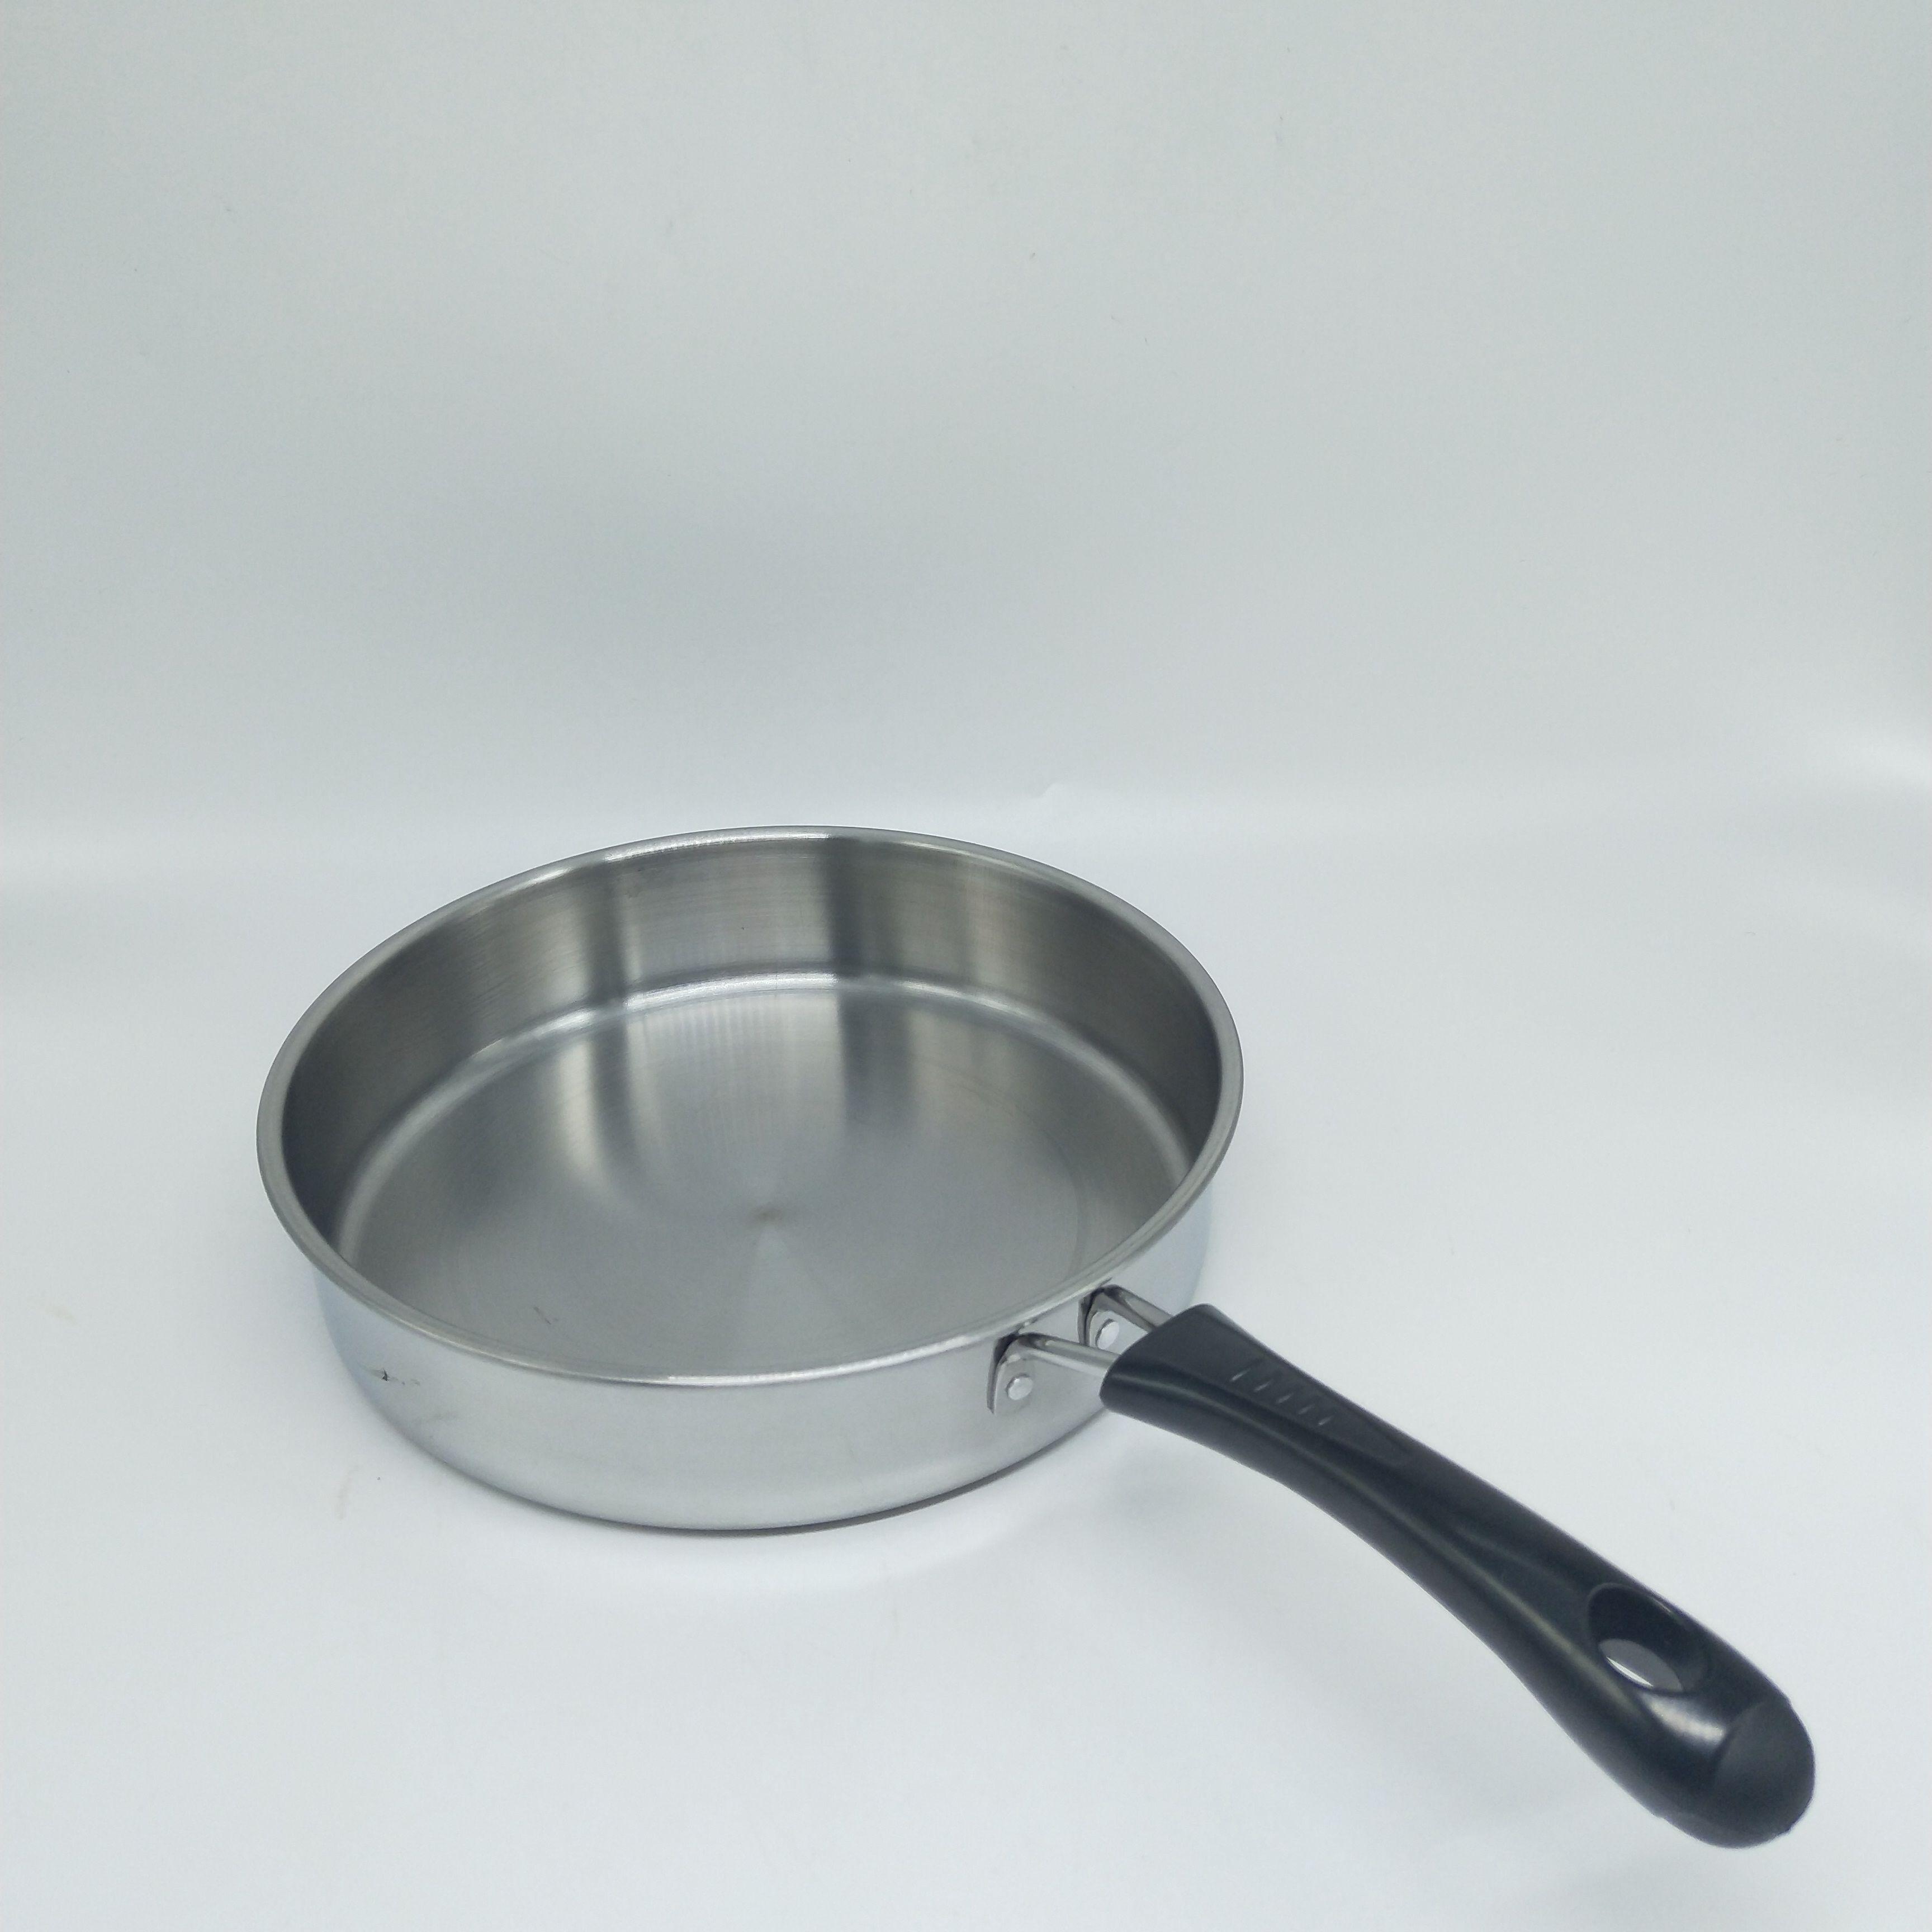 厂家直销家用厨房22不锈钢耐磨平底煎锅韩式单柄平盖煎锅